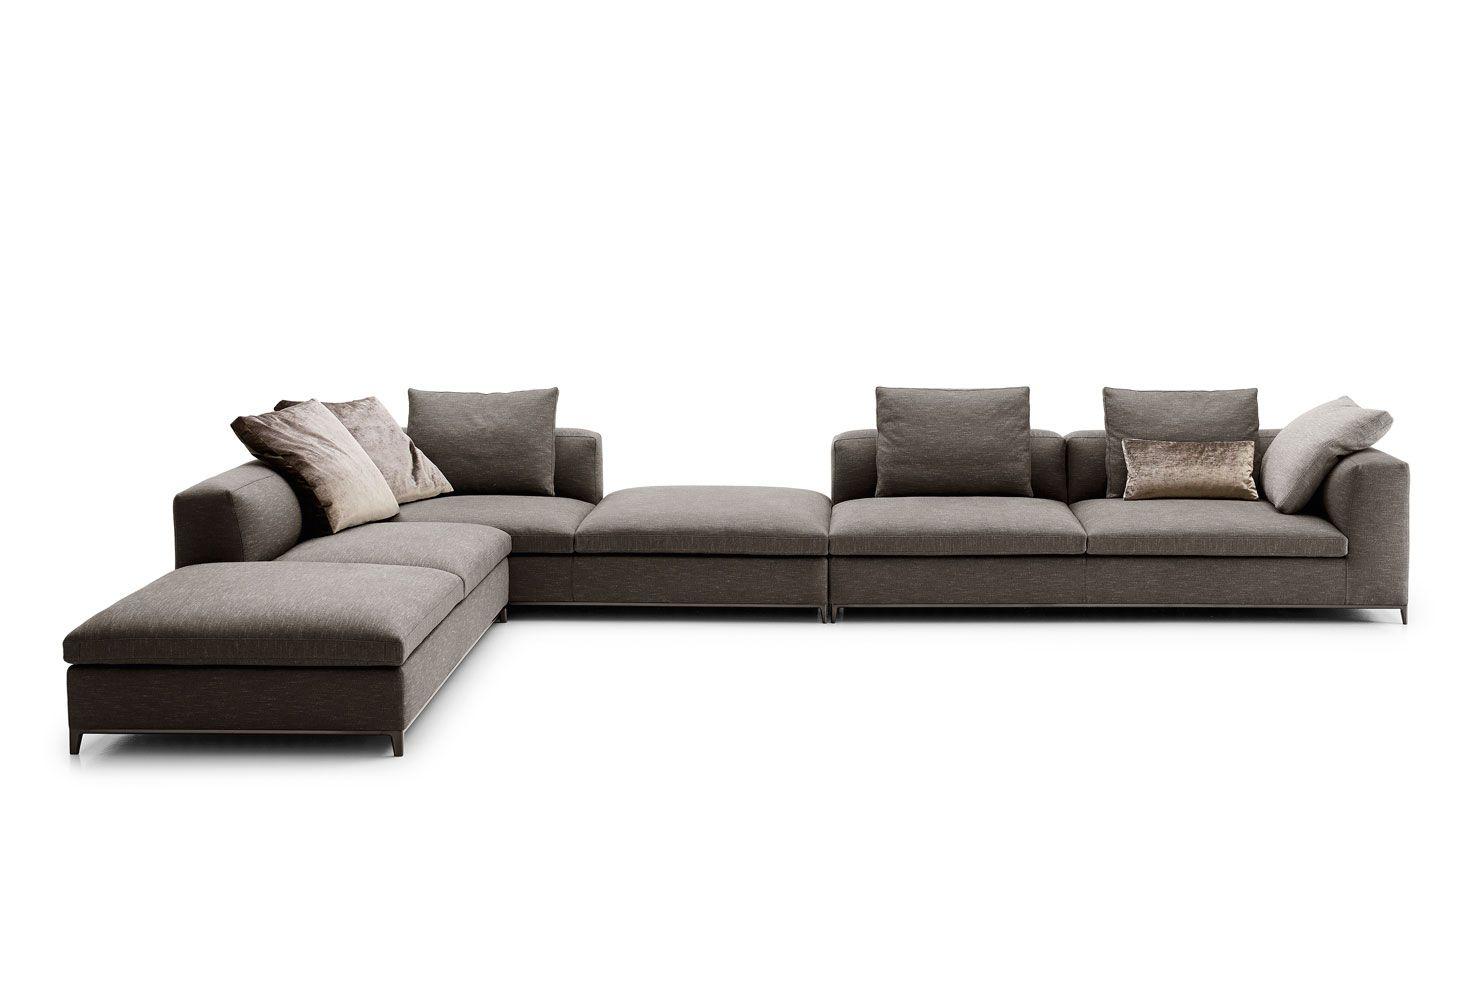 Sofa Michel Club Bu0026B Italia   Design Of Antonio Citterio